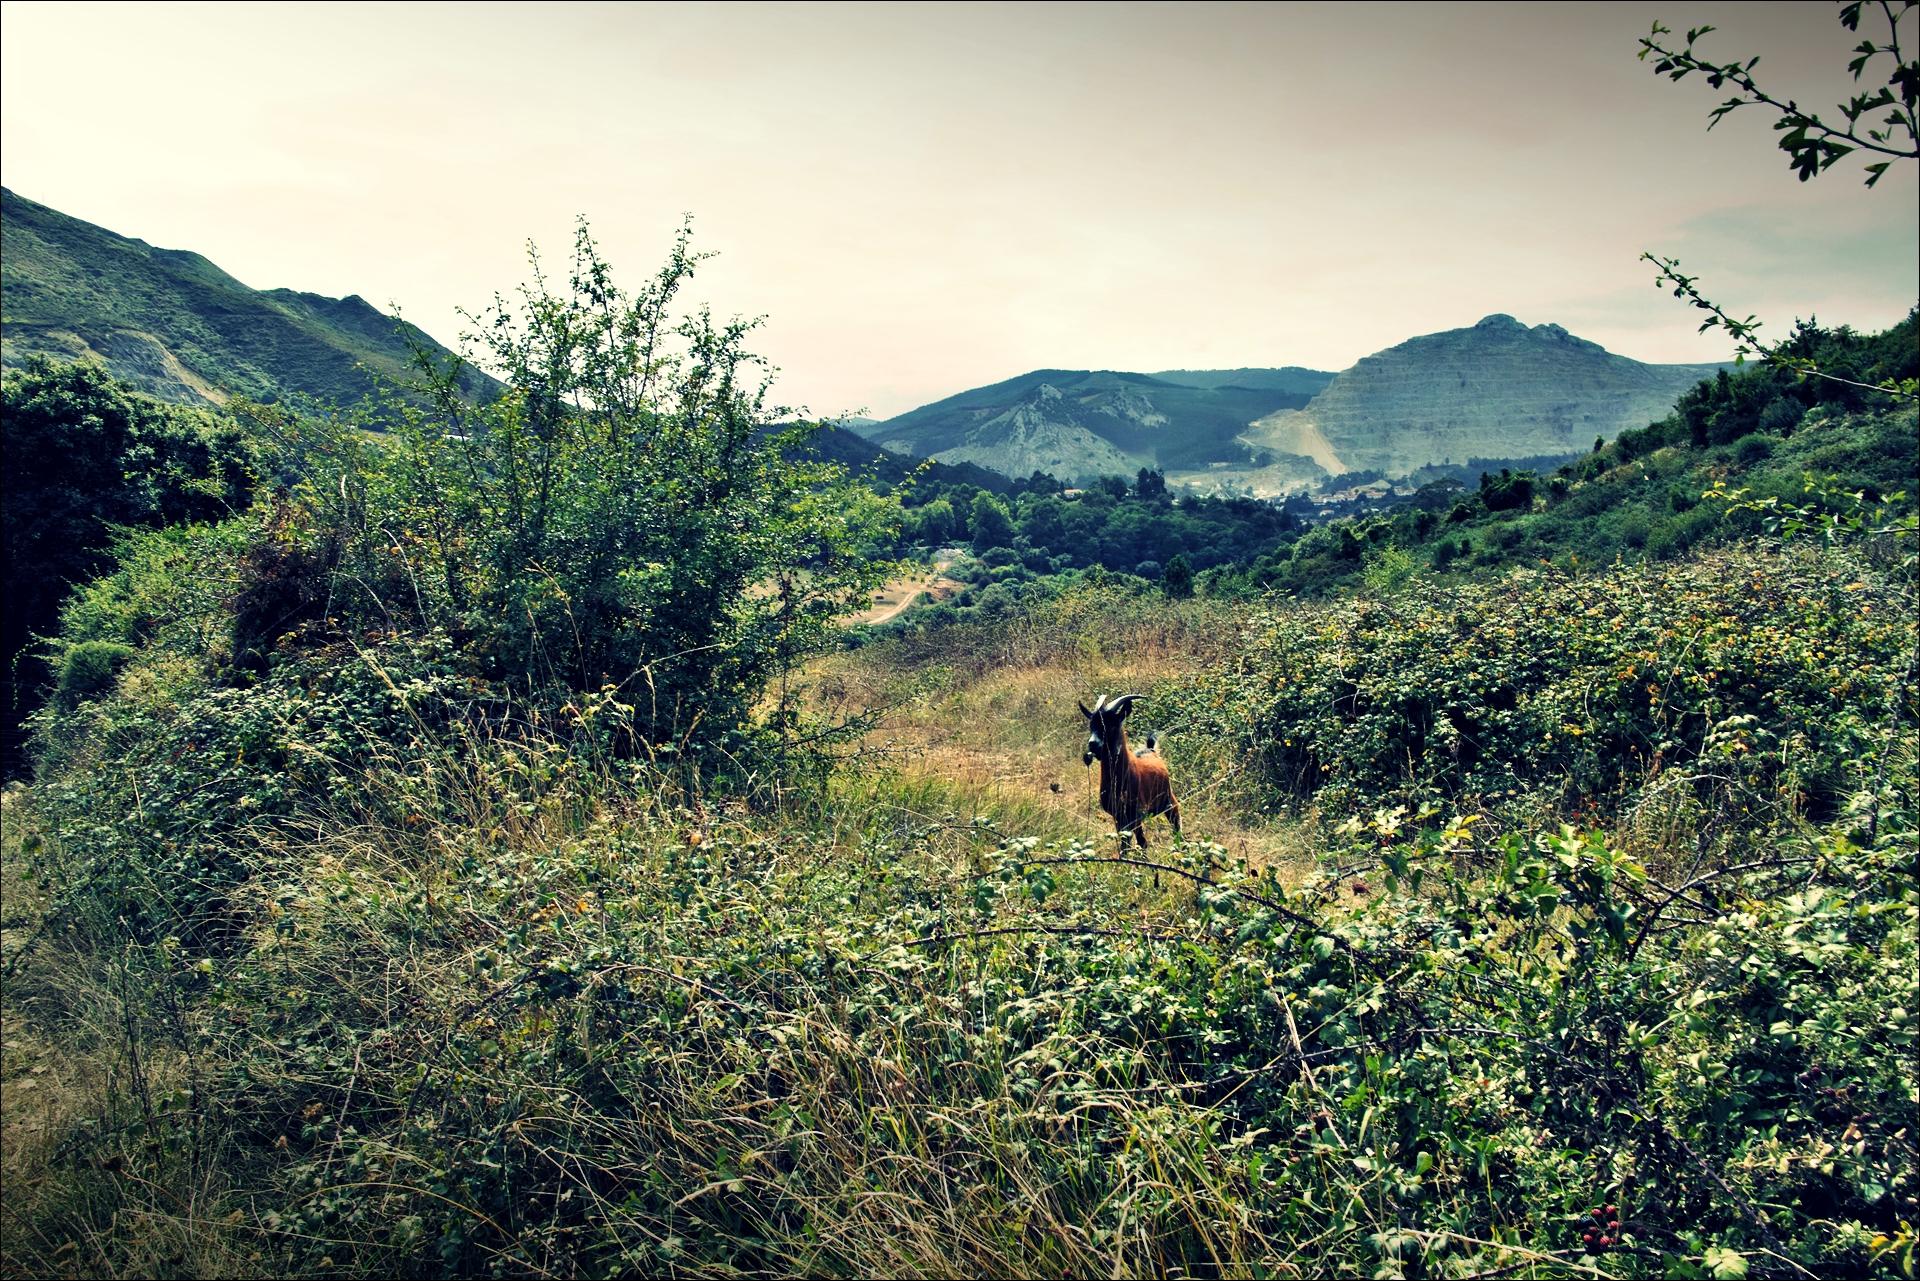 염소-'카미노 데 산티아고 북쪽길. 포르투갈레테에서 카스트로 우르디알레스. (Camino del Norte - Portugalete to Castro Urdiales) '